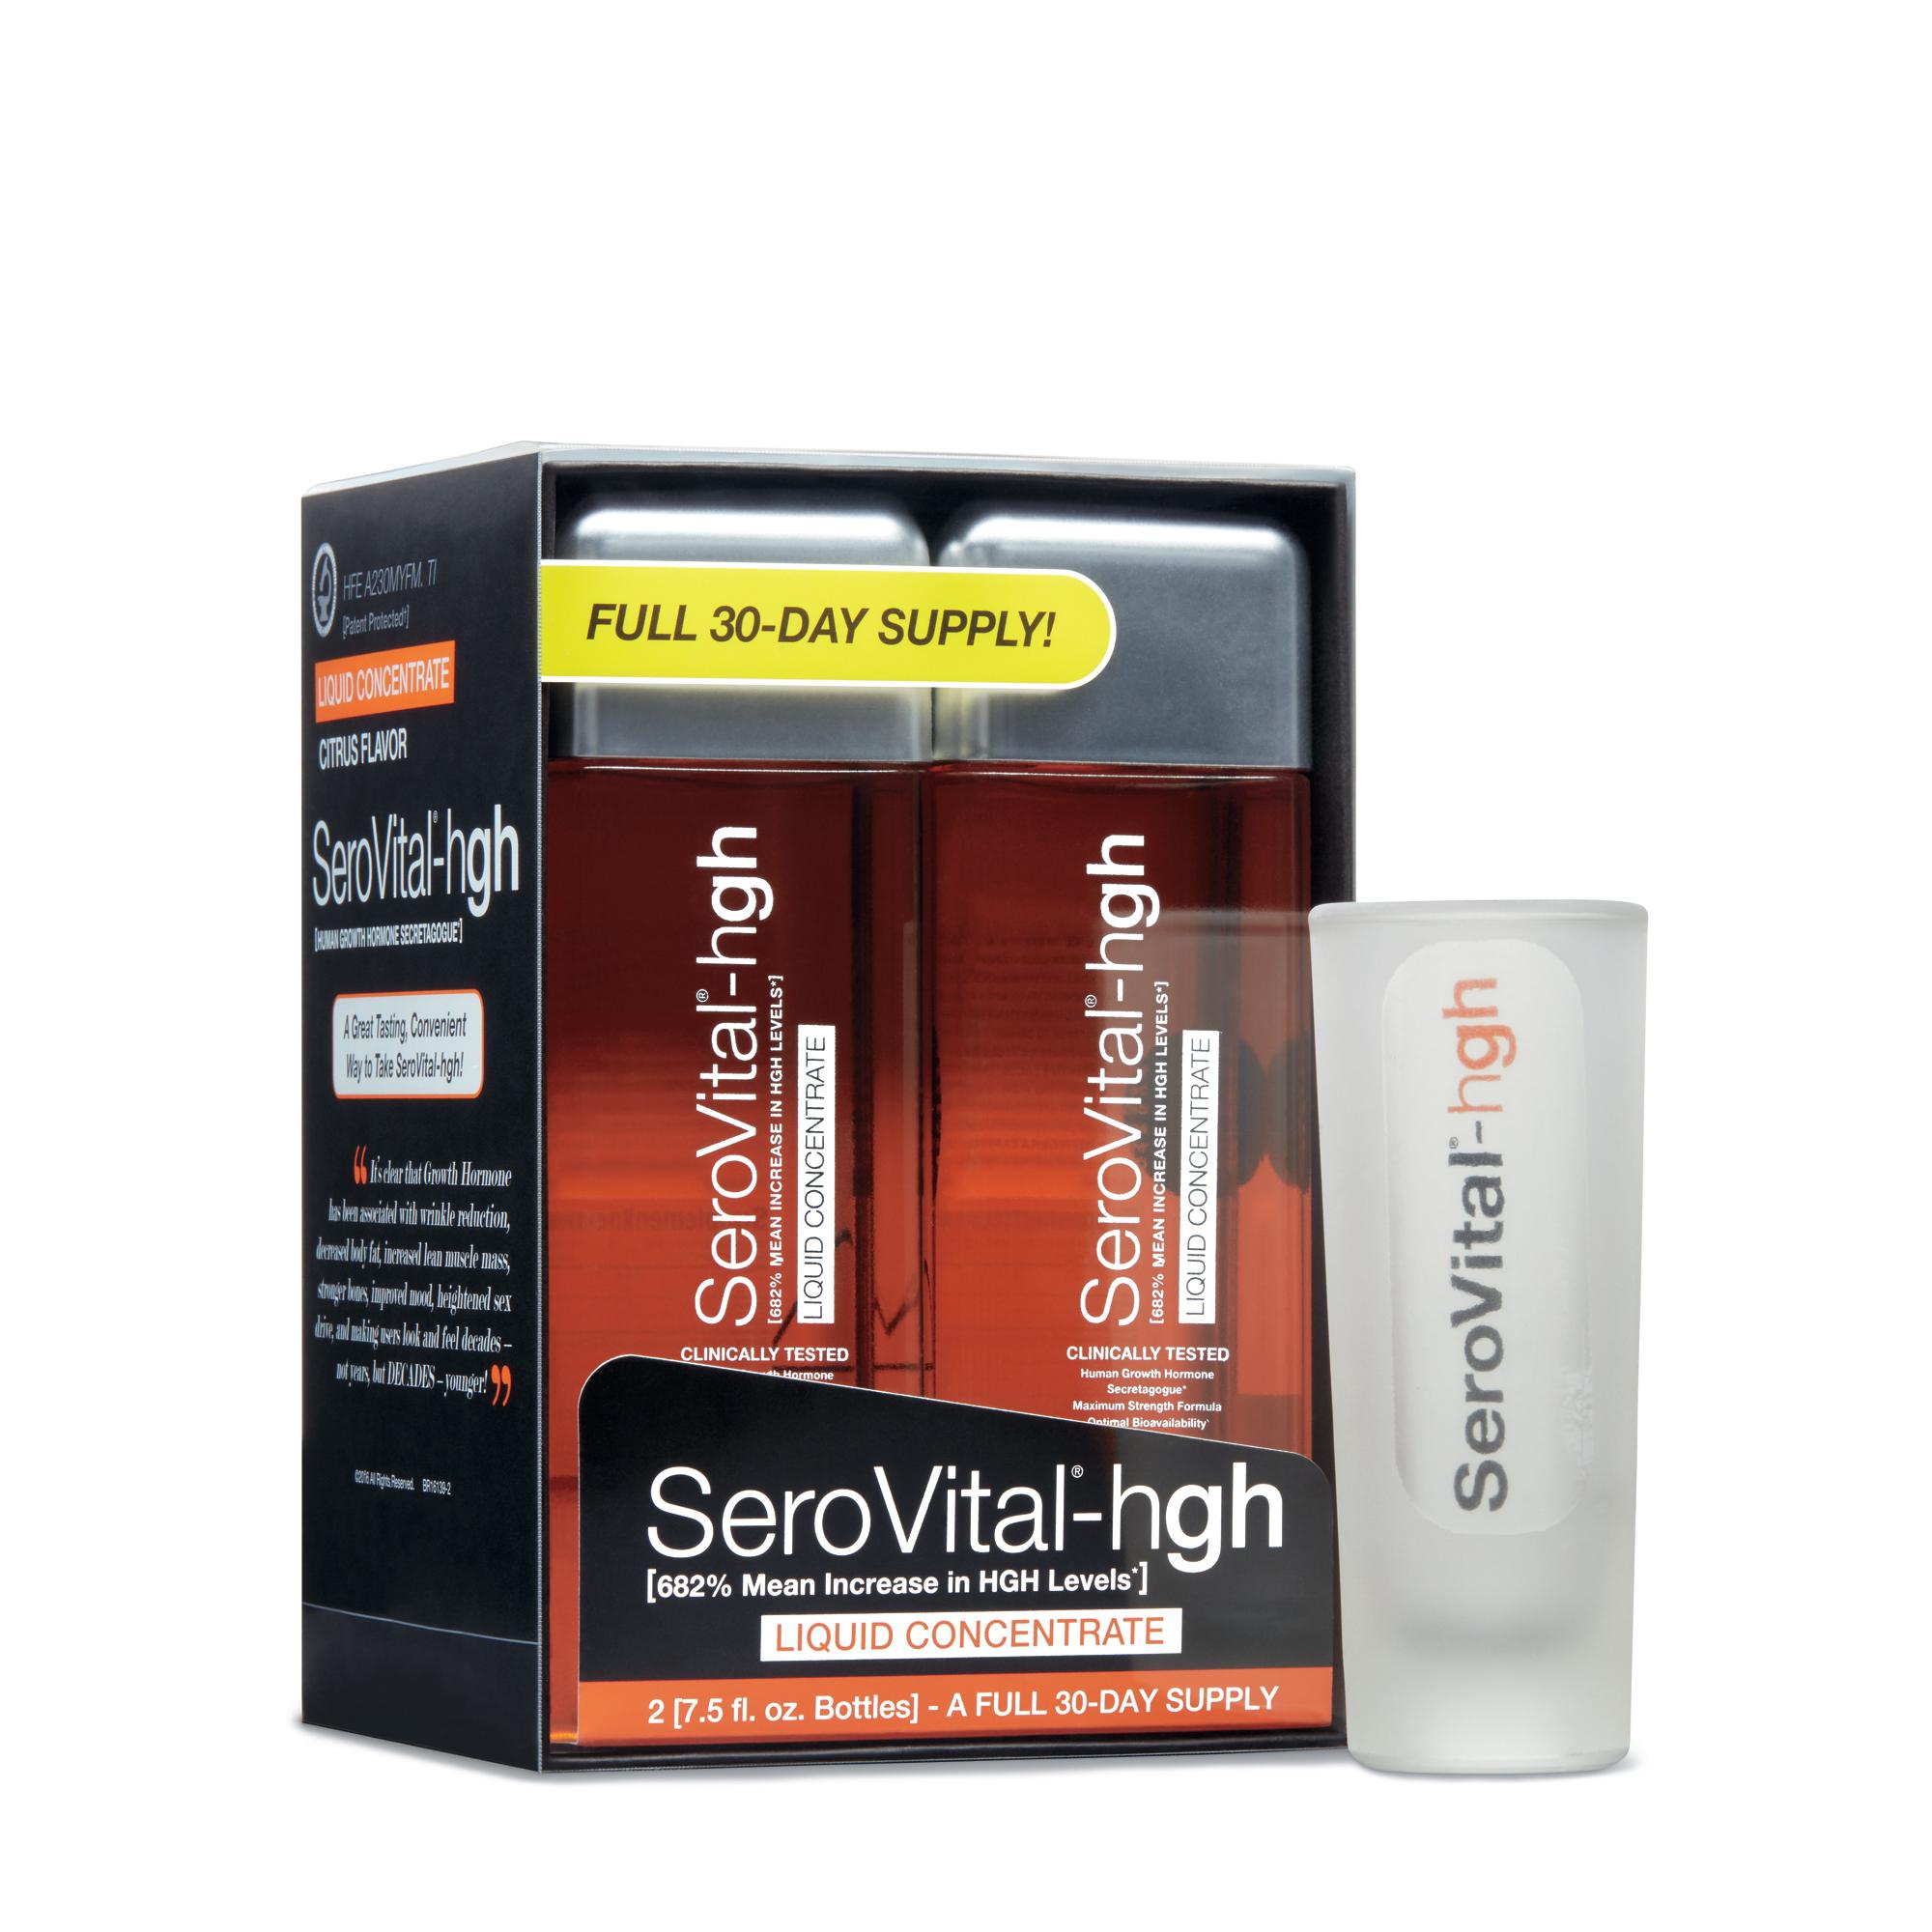 SeroVital®-hgh